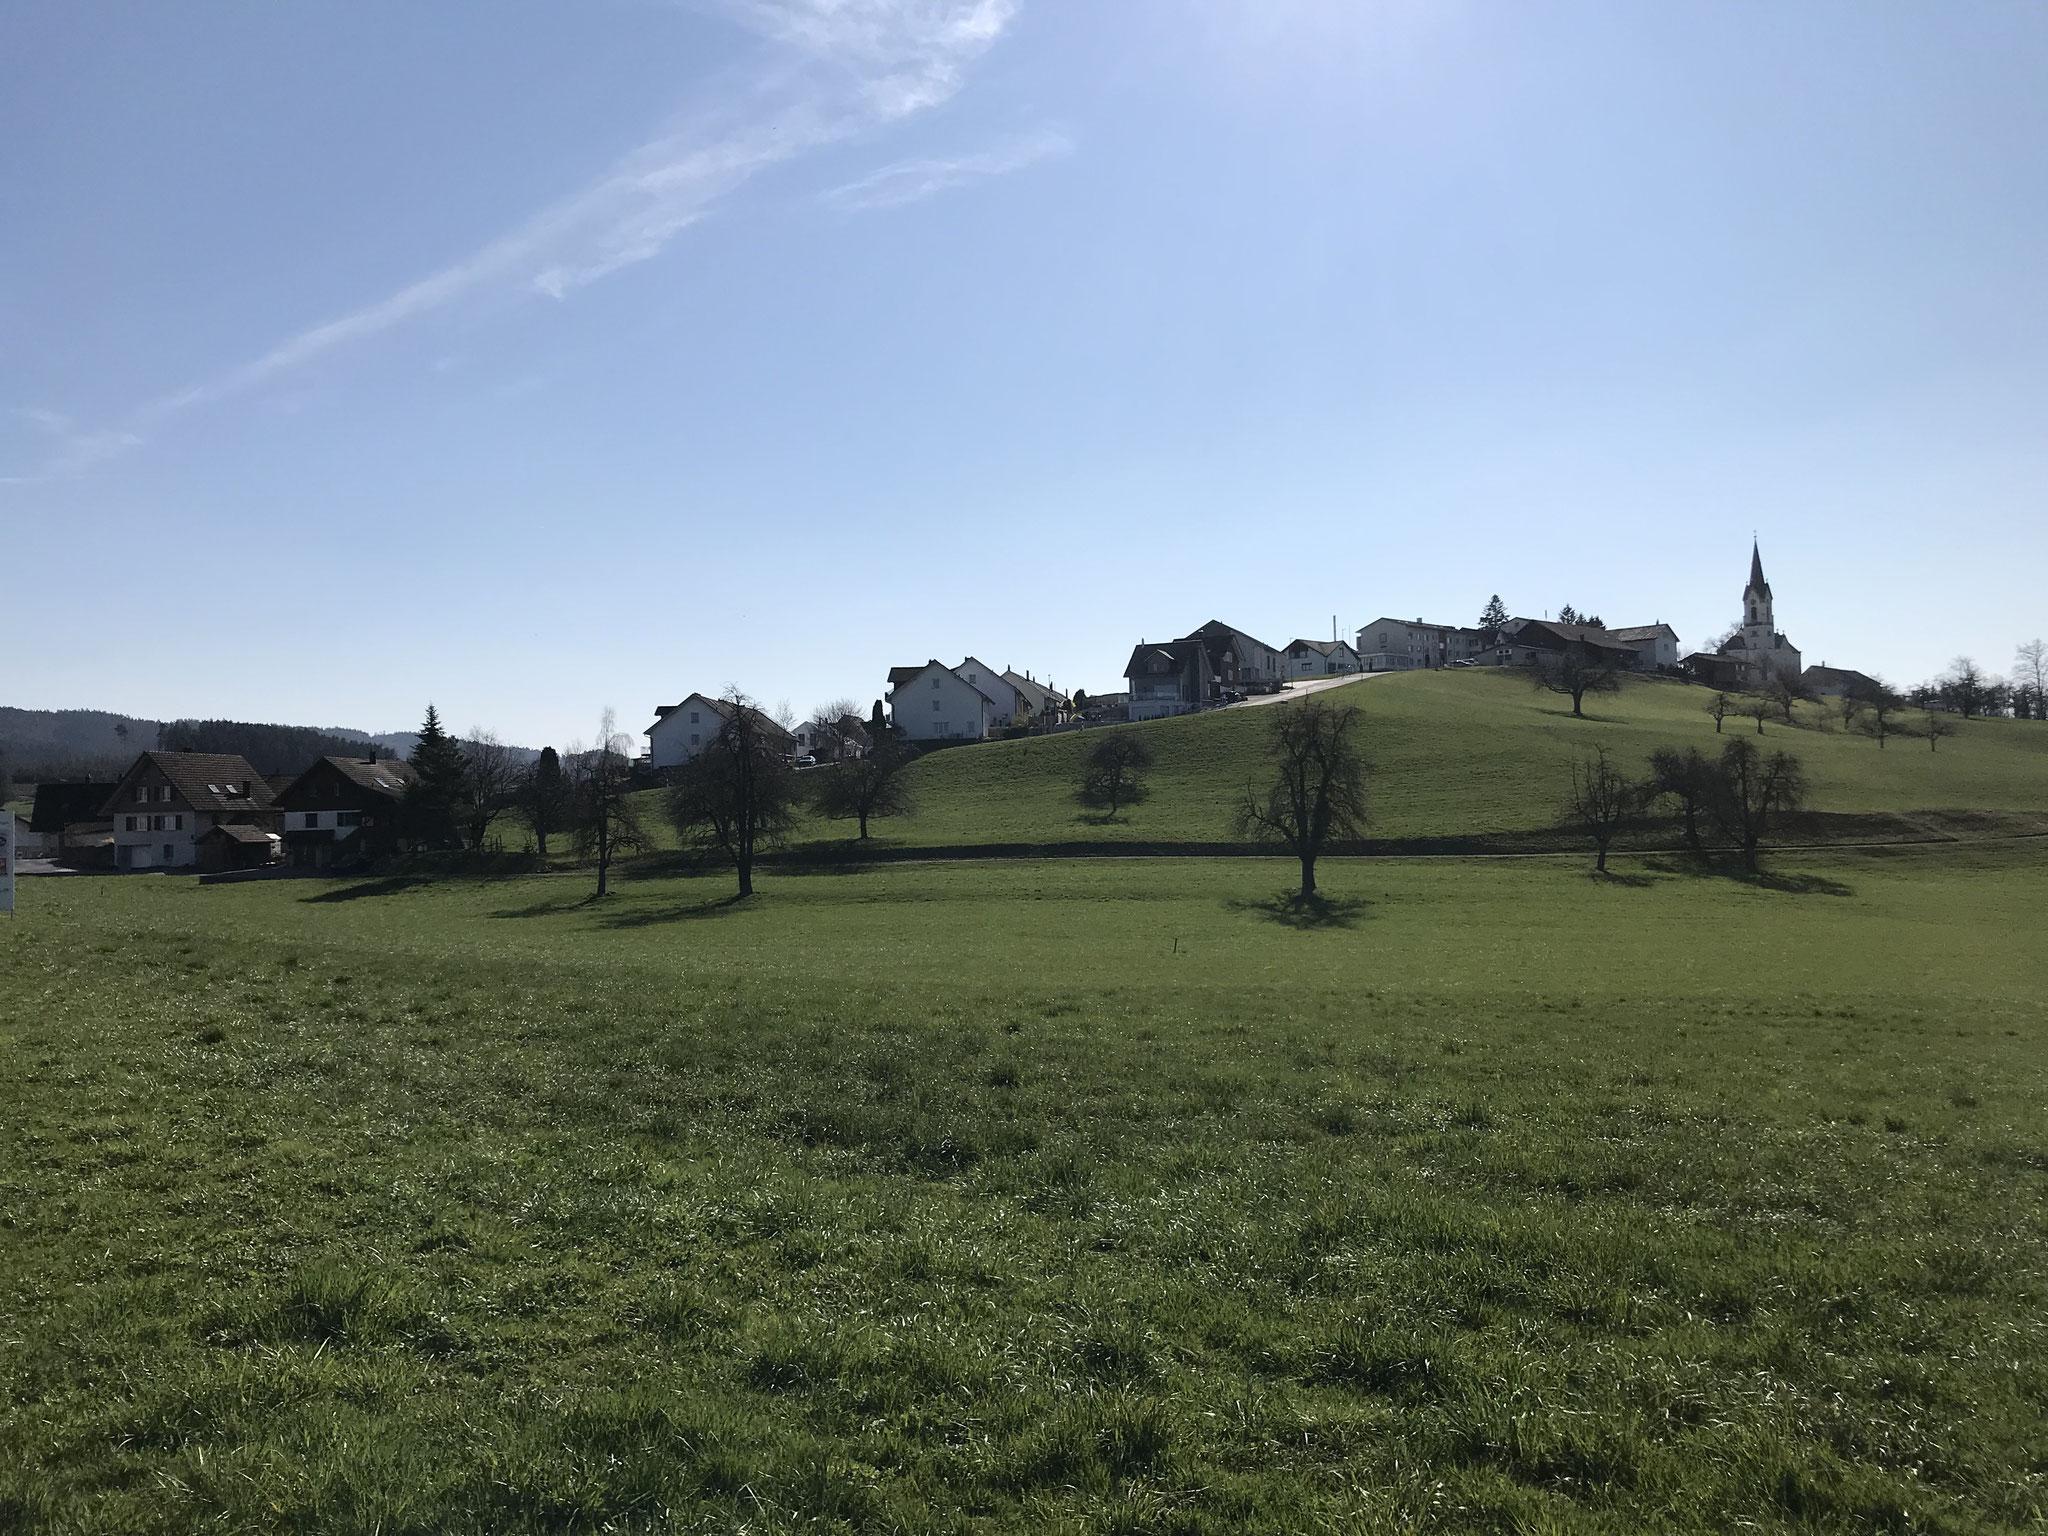 Dem Bodenseeradweg entlang nach Arbon(Strandbadrestaurant Buchhorn empfehlenswert), dann über Winden nach St. Pelagiberg